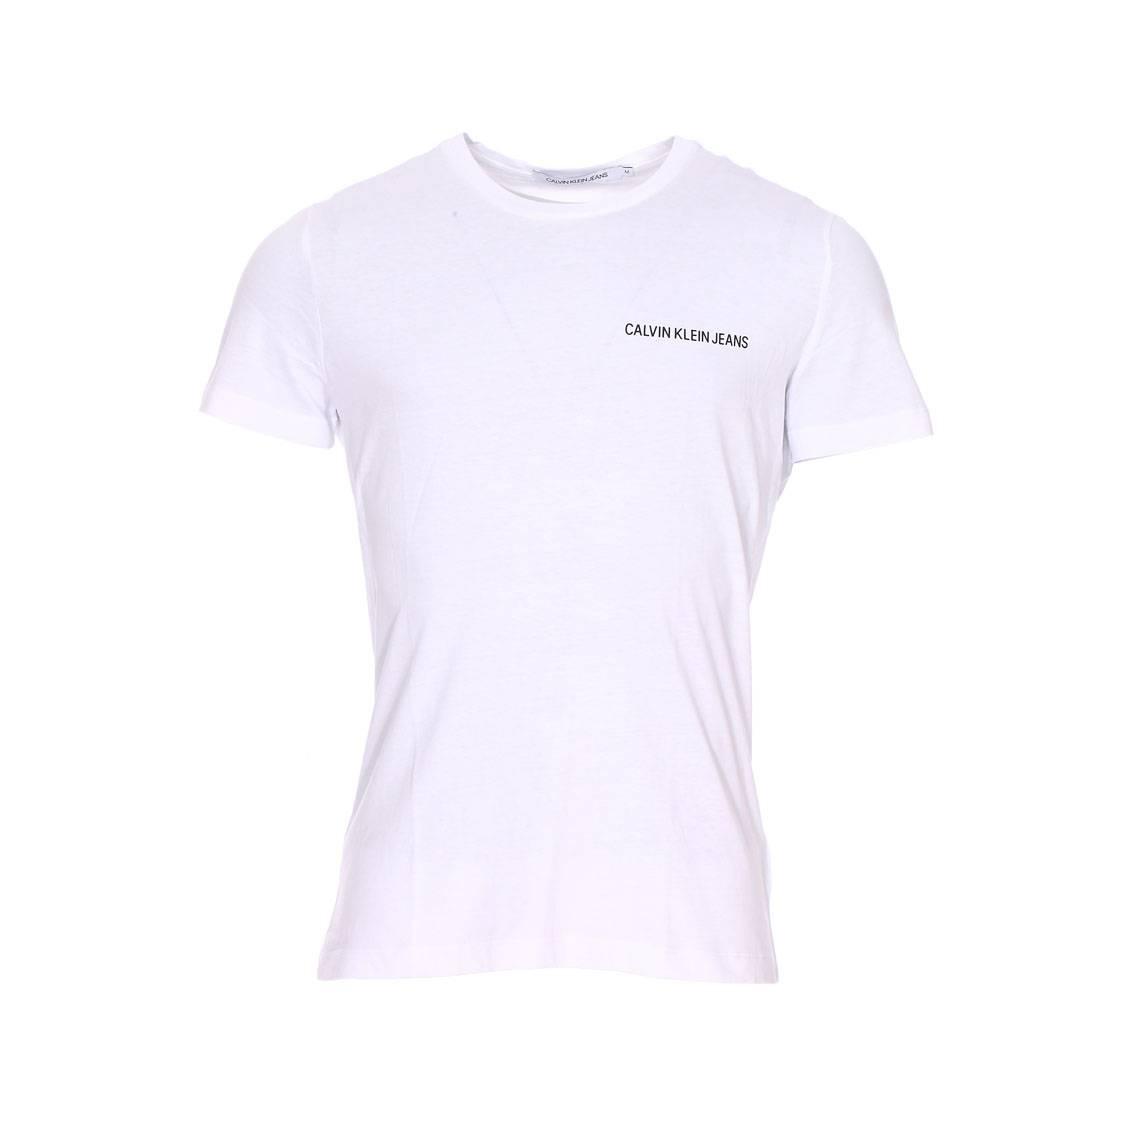 Tee-shirt col rond  chest institutional en coton blanc floqué en noir